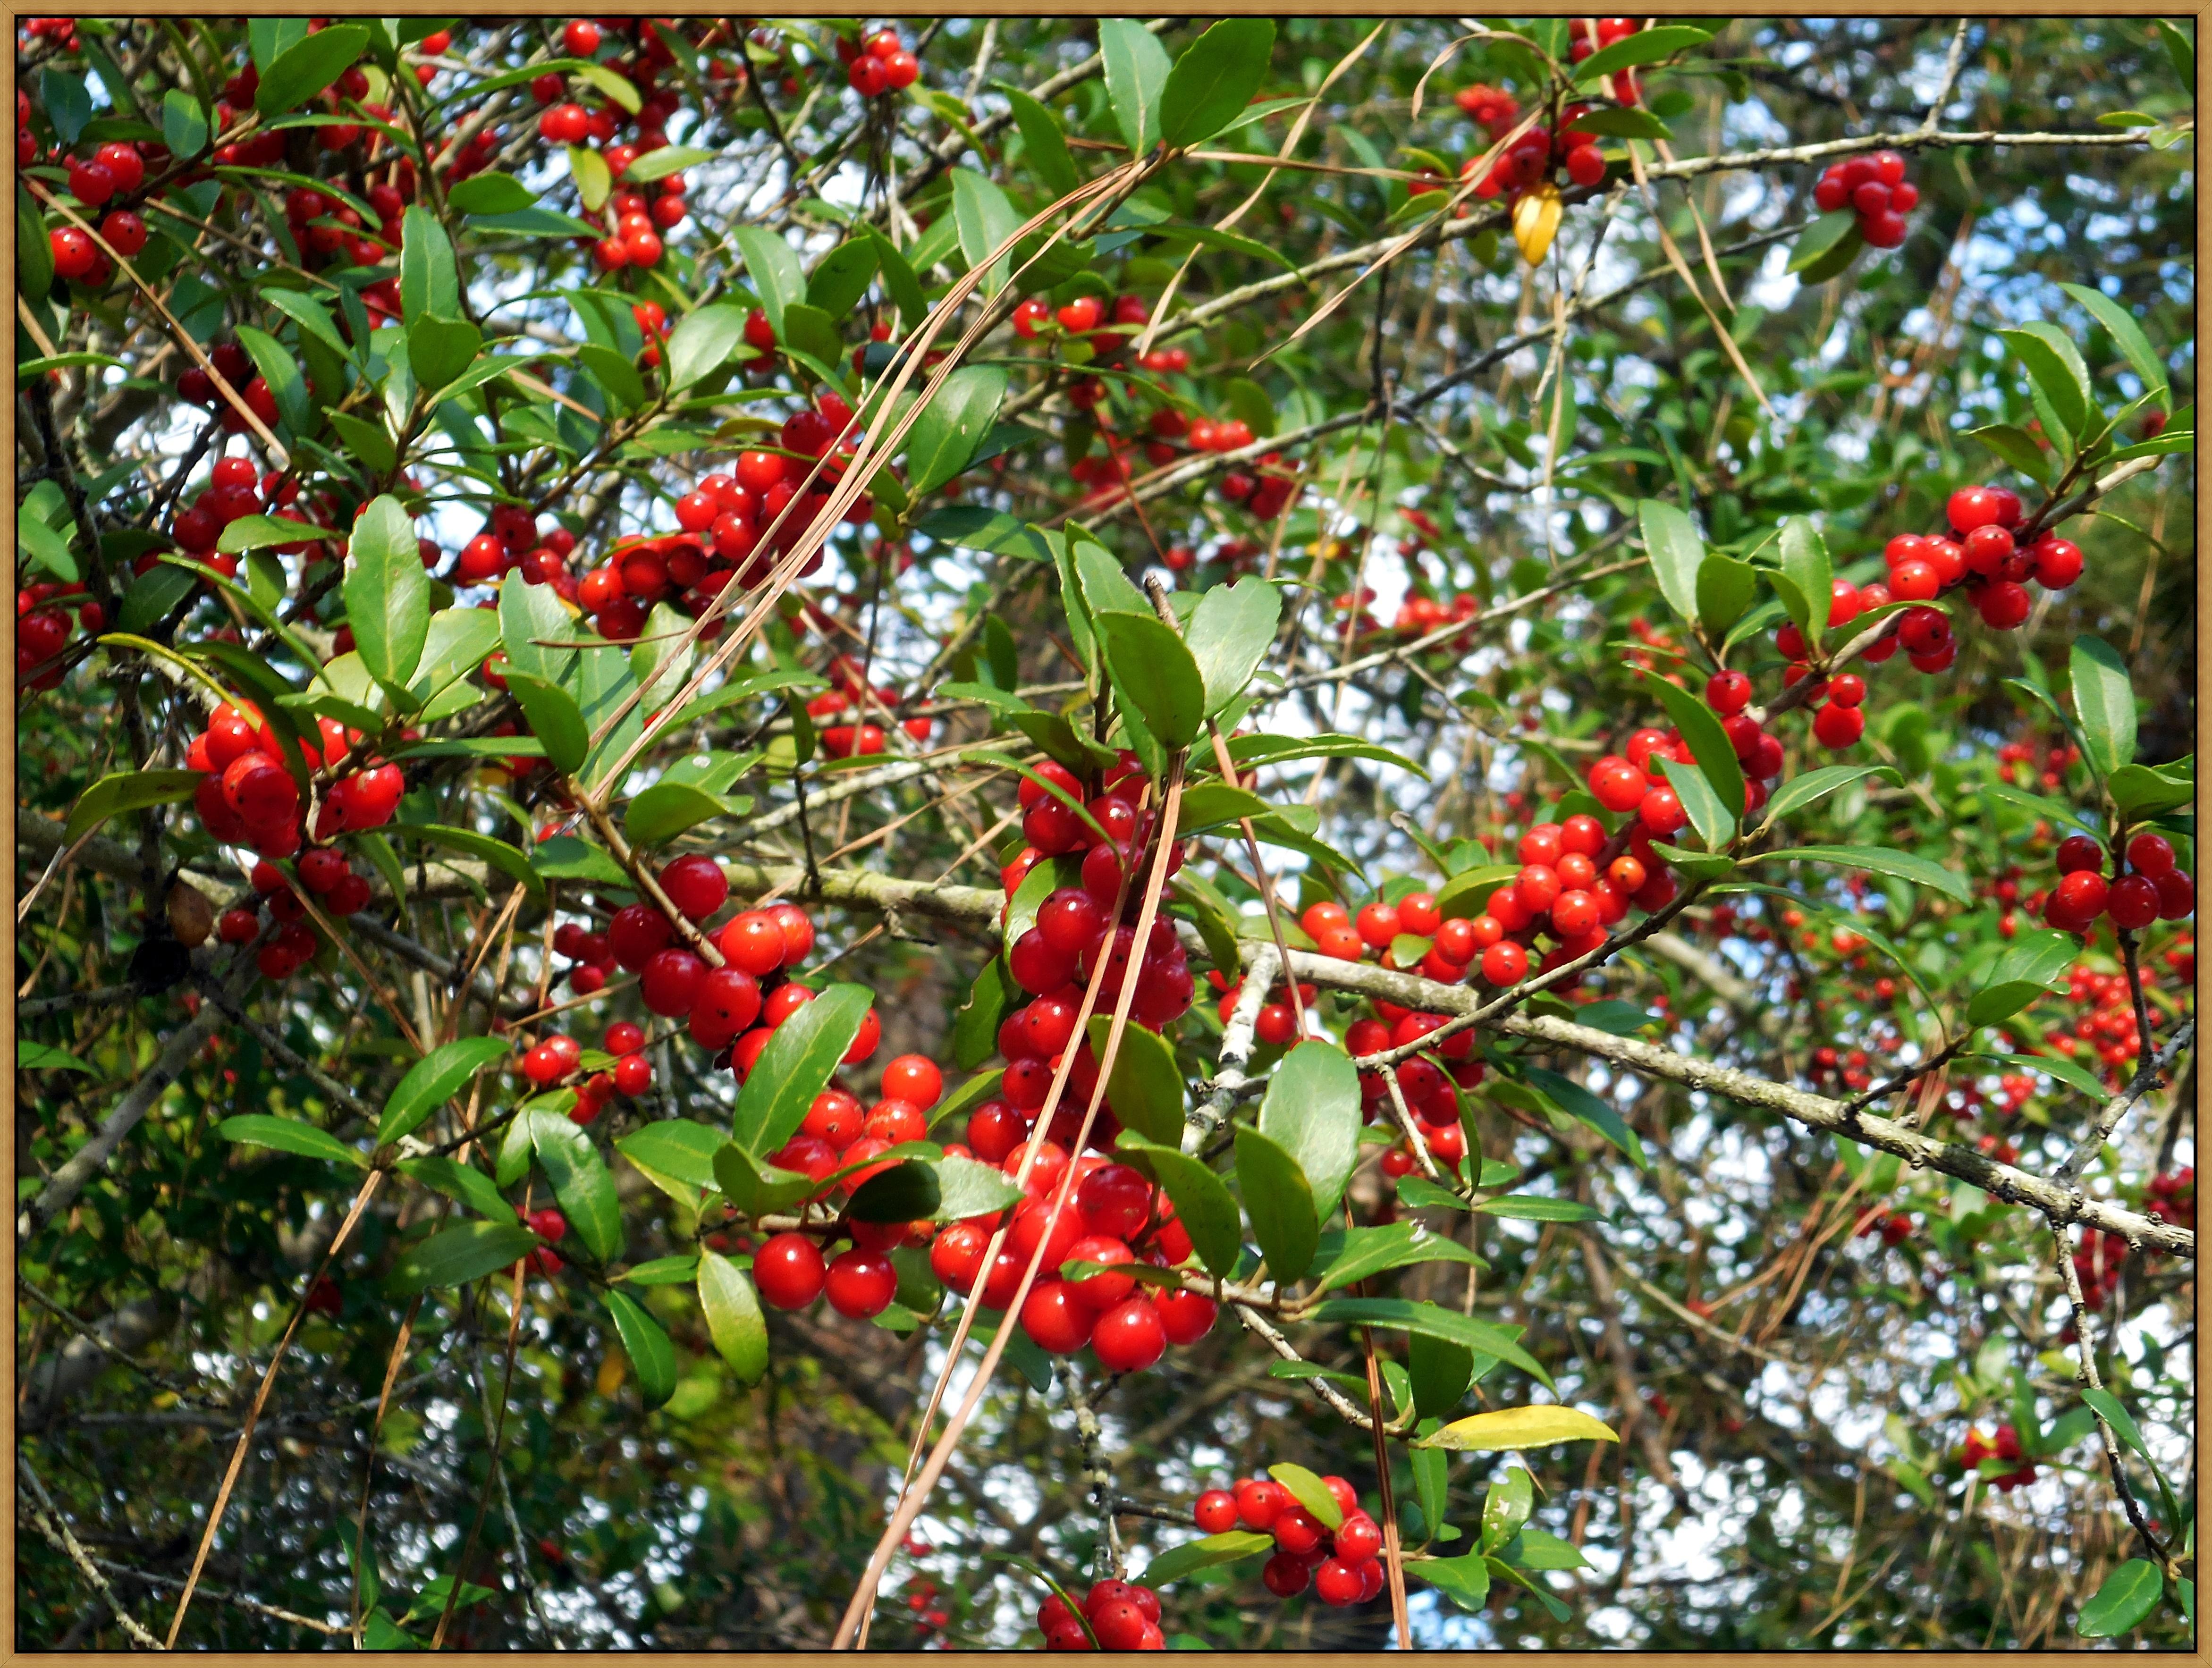 Translucent Berries